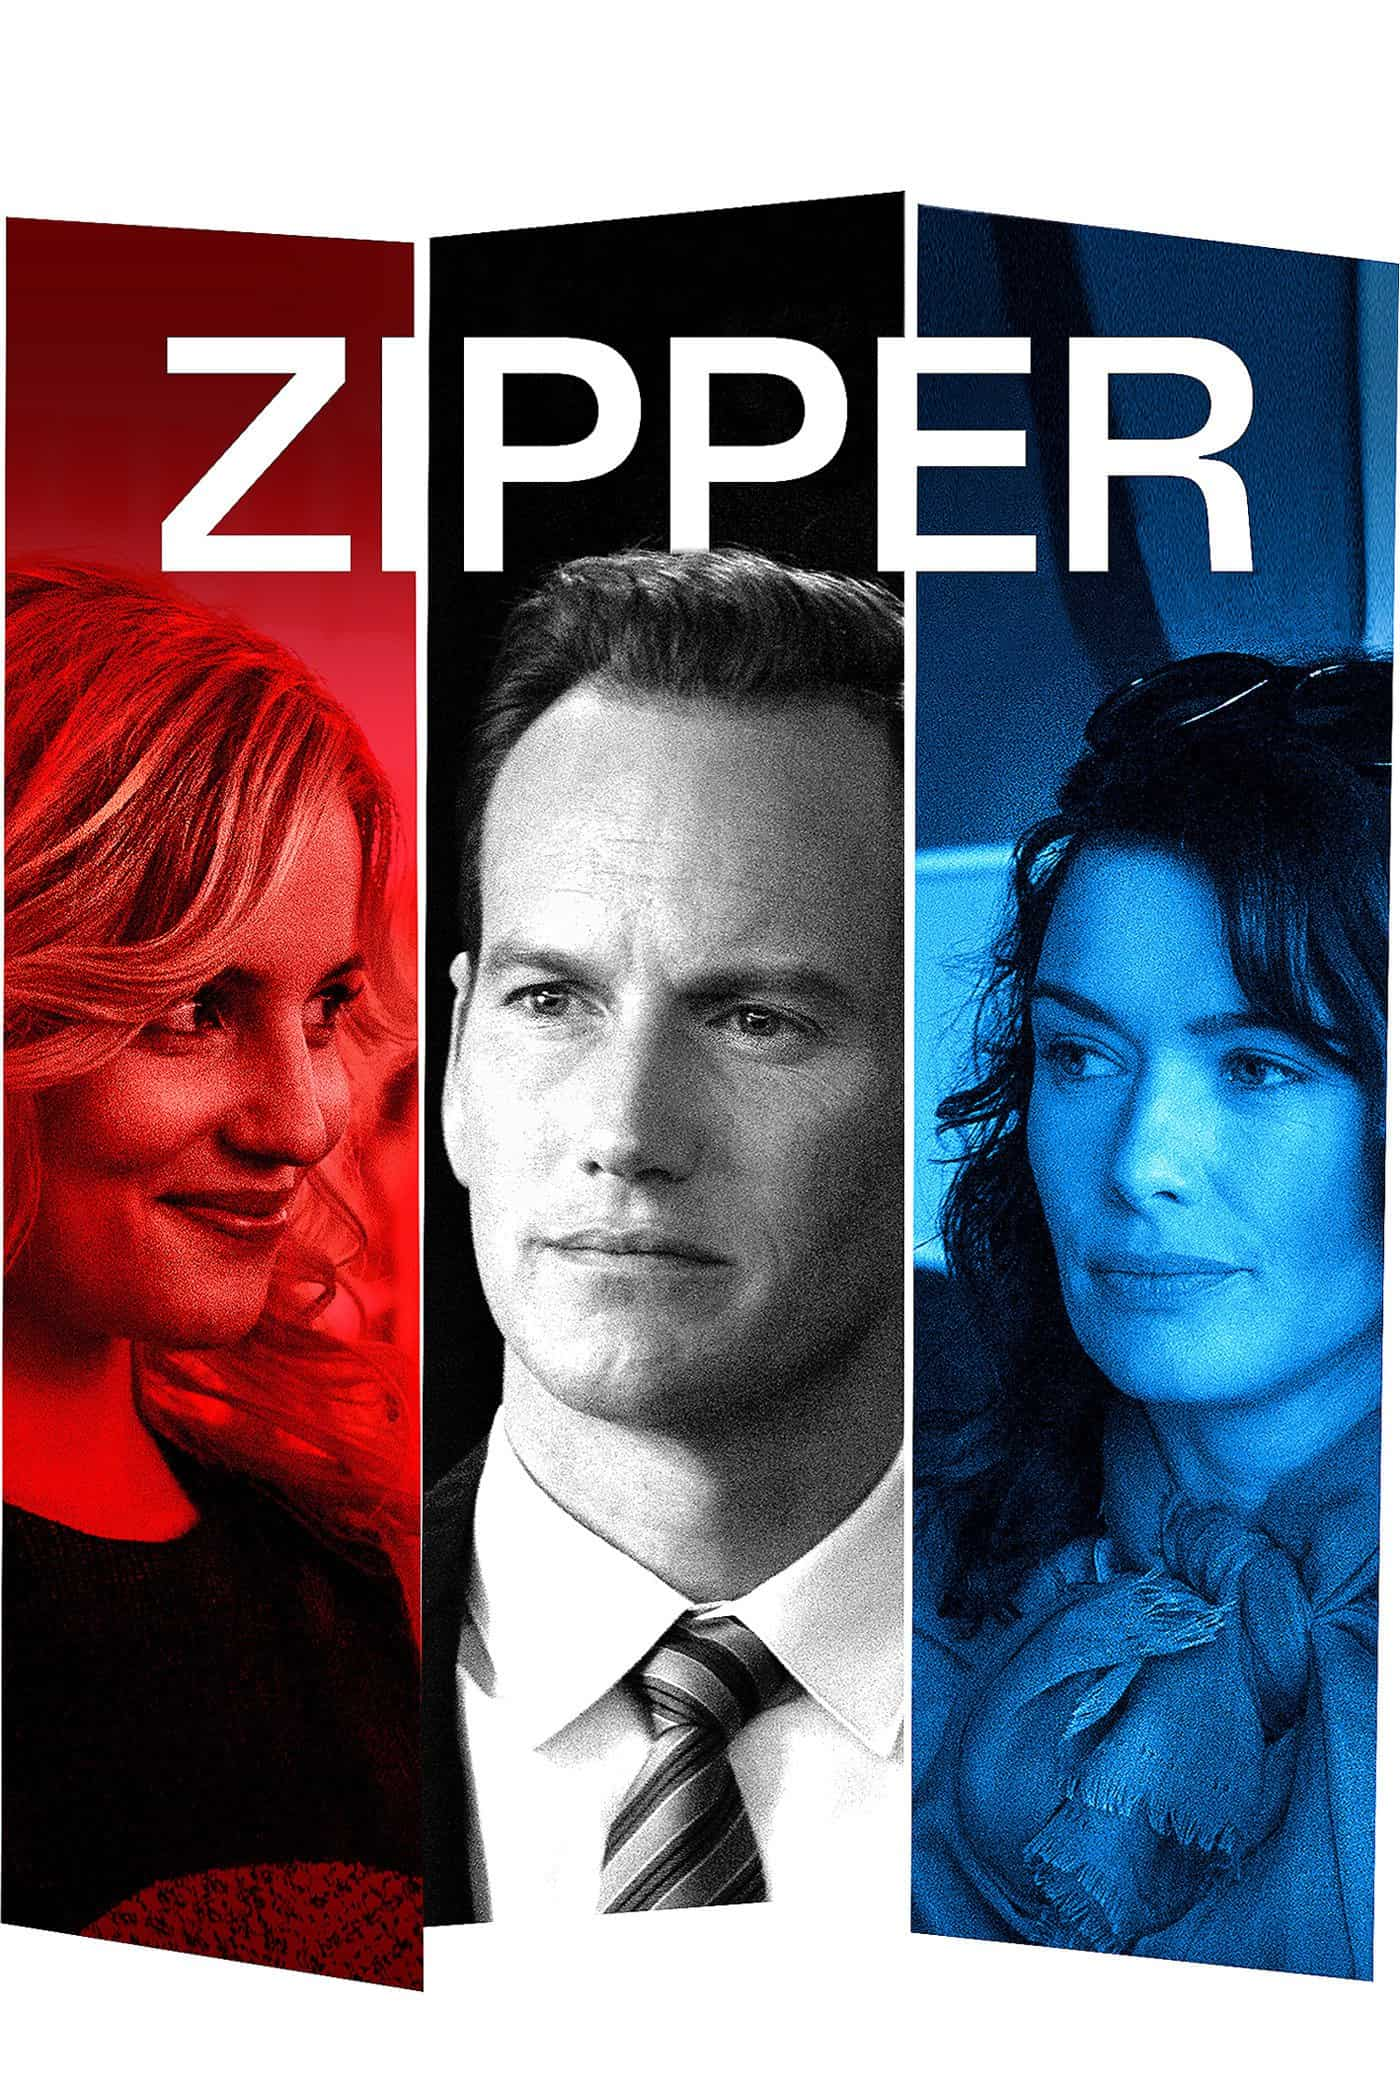 Zipper, 2015